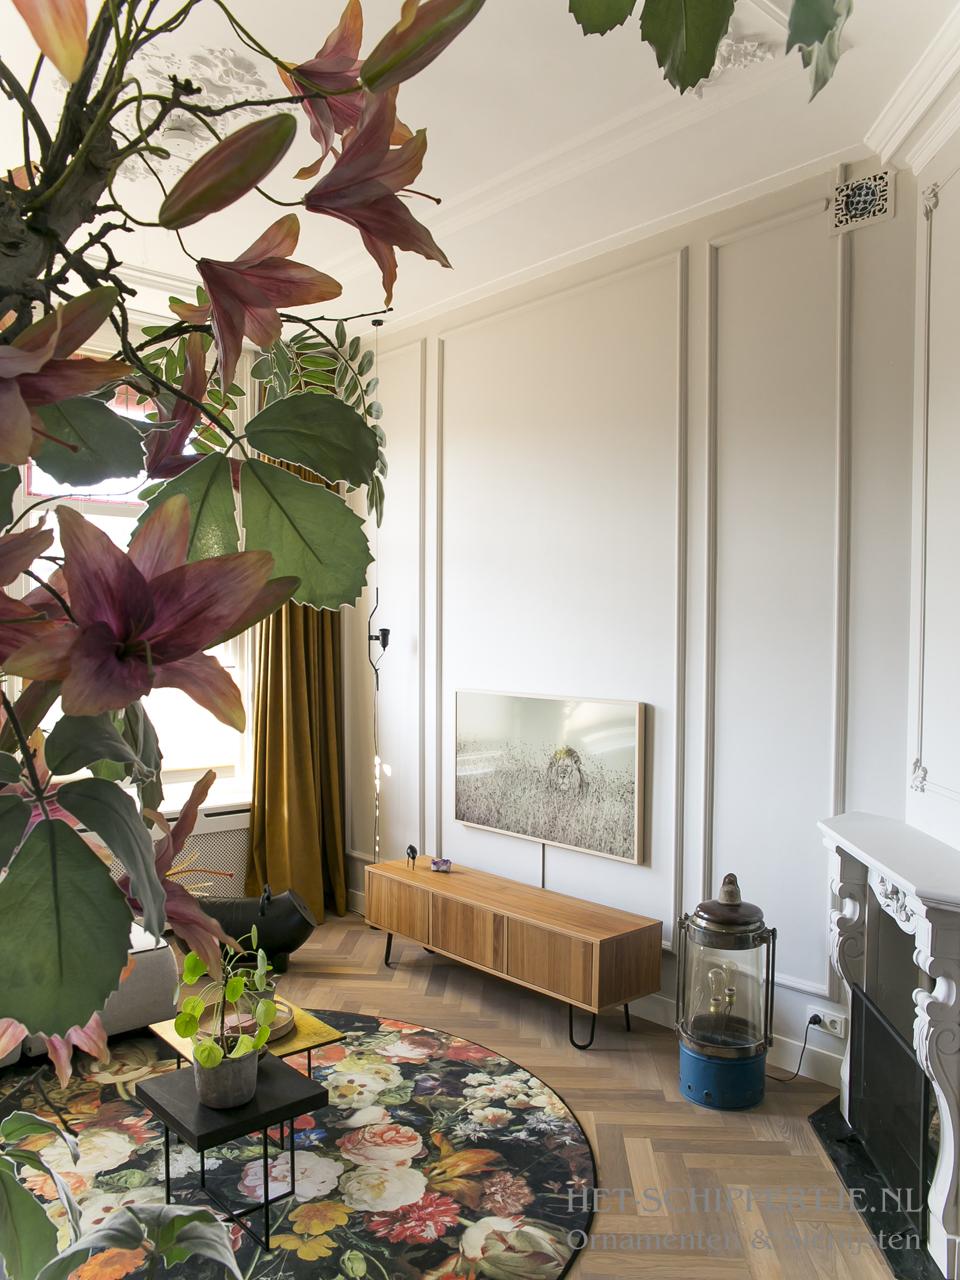 wanddecoratie, perklijsten